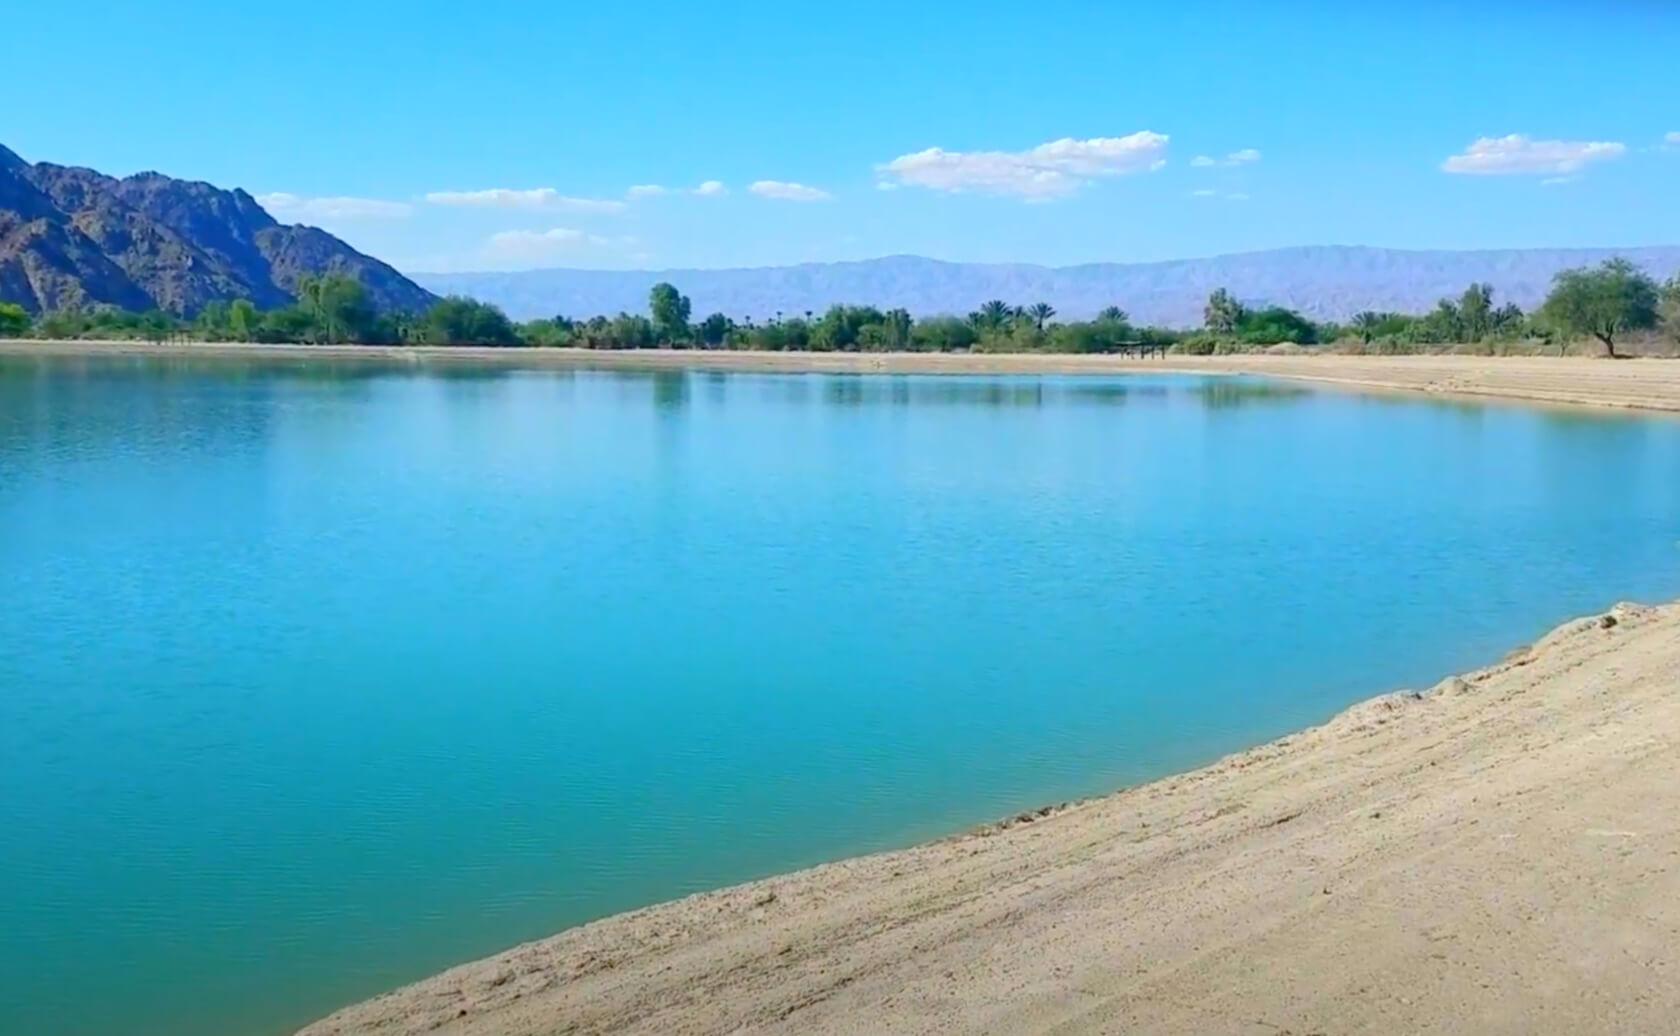 Cahuilla-Lake-Fishing-Guide-Report-La Quinta-CA-02